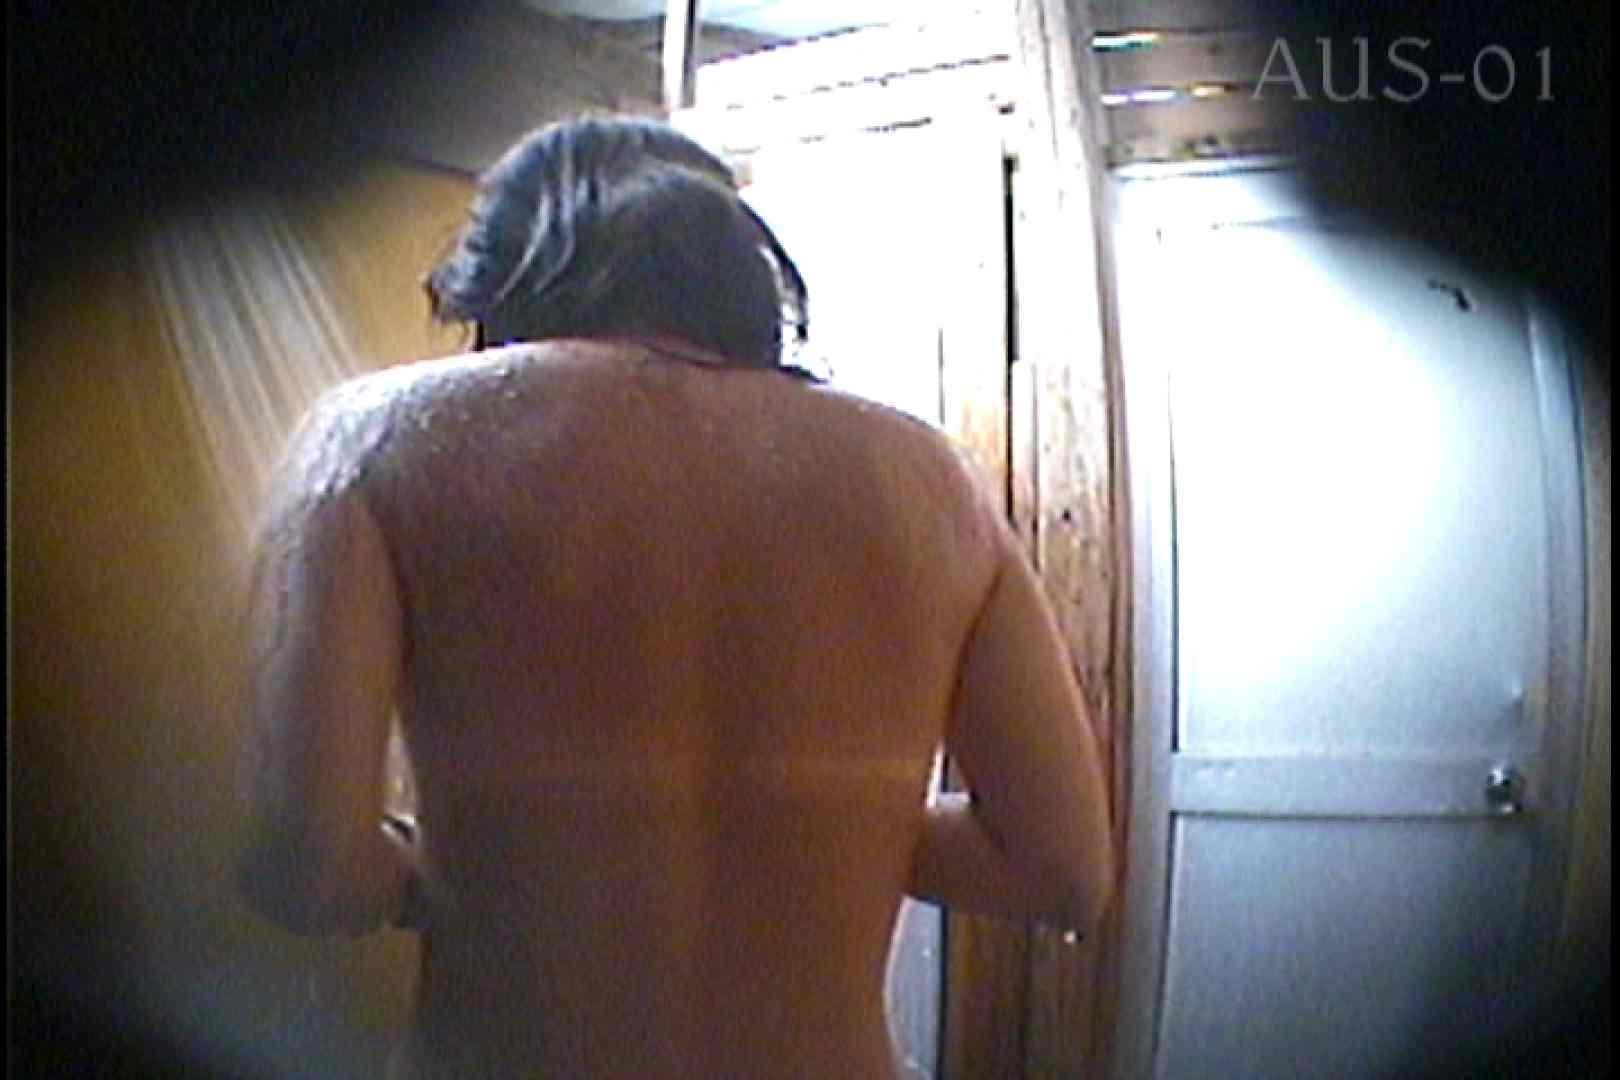 海の家の更衣室 Vol.01 Hな美女 戯れ無修正画像 88pic 29